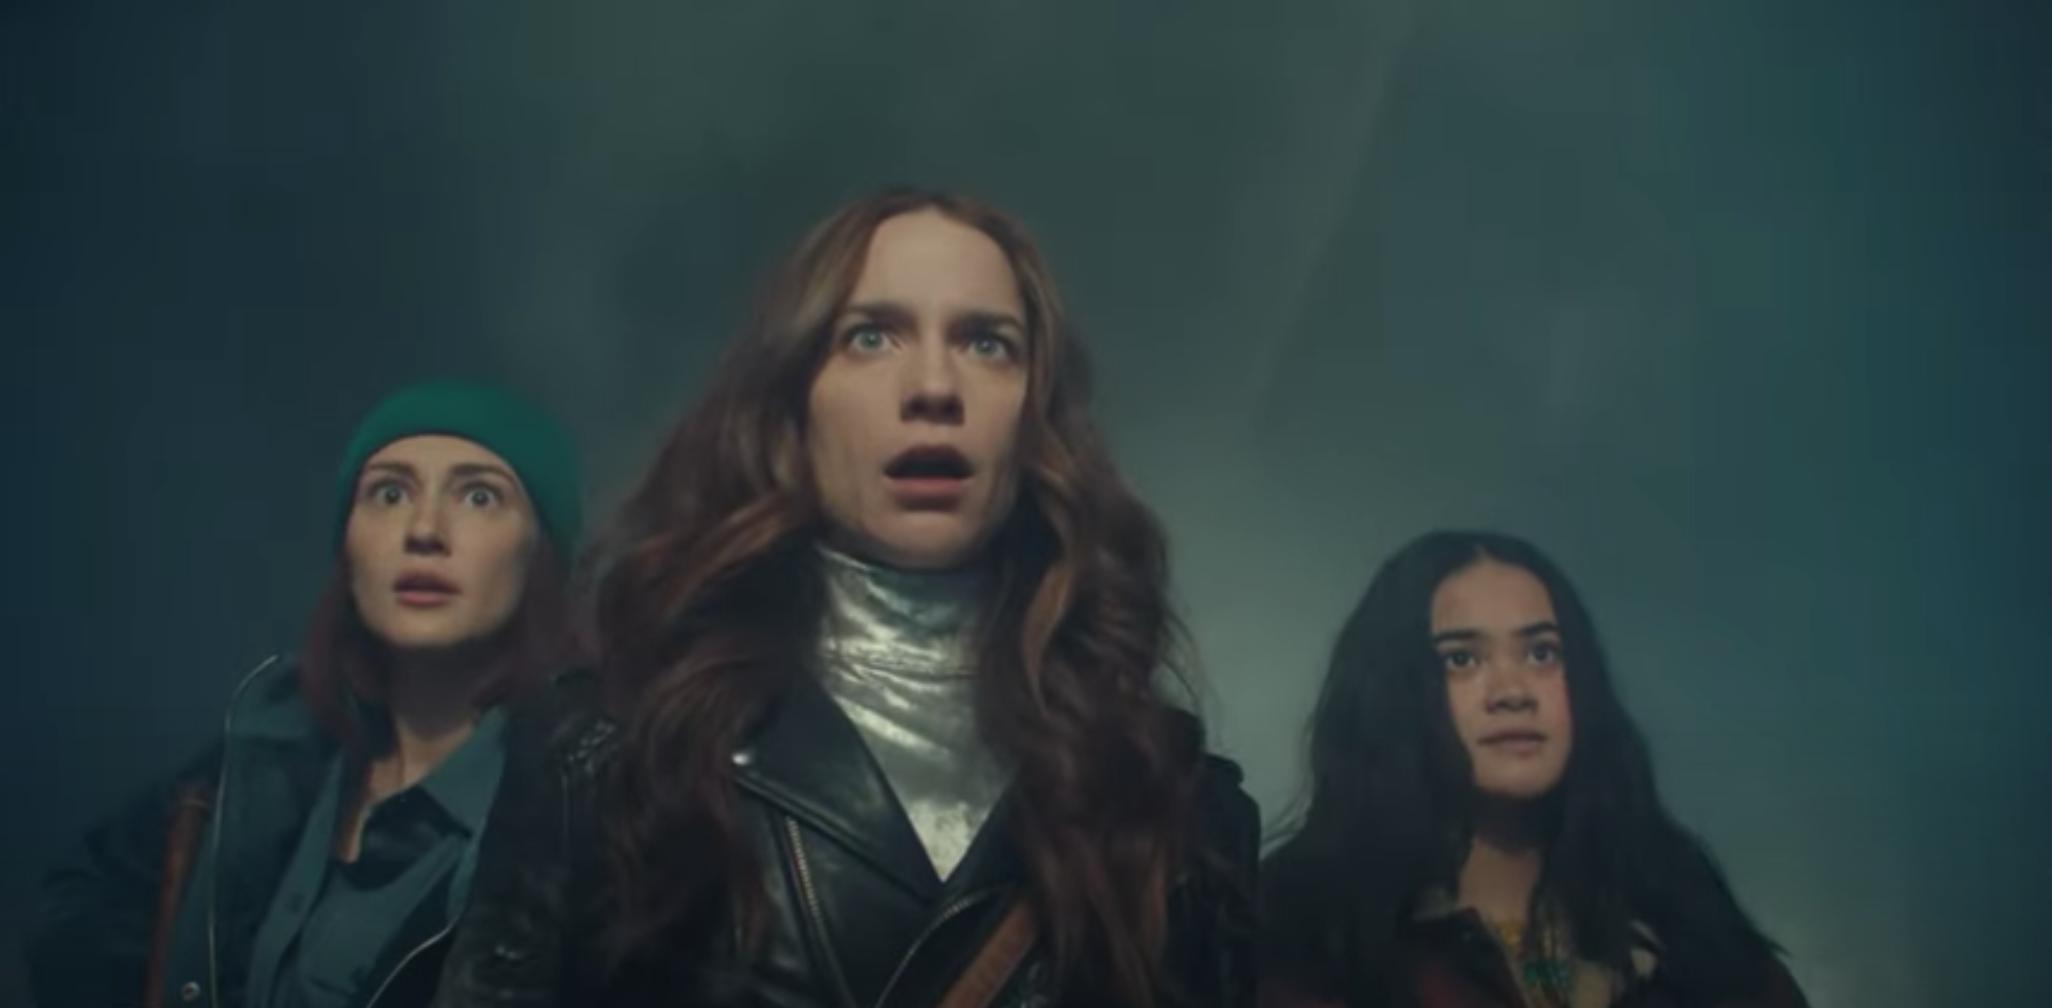 'Wynonna Earp' Season 4 Premiere Date & Trailer Has Landed!